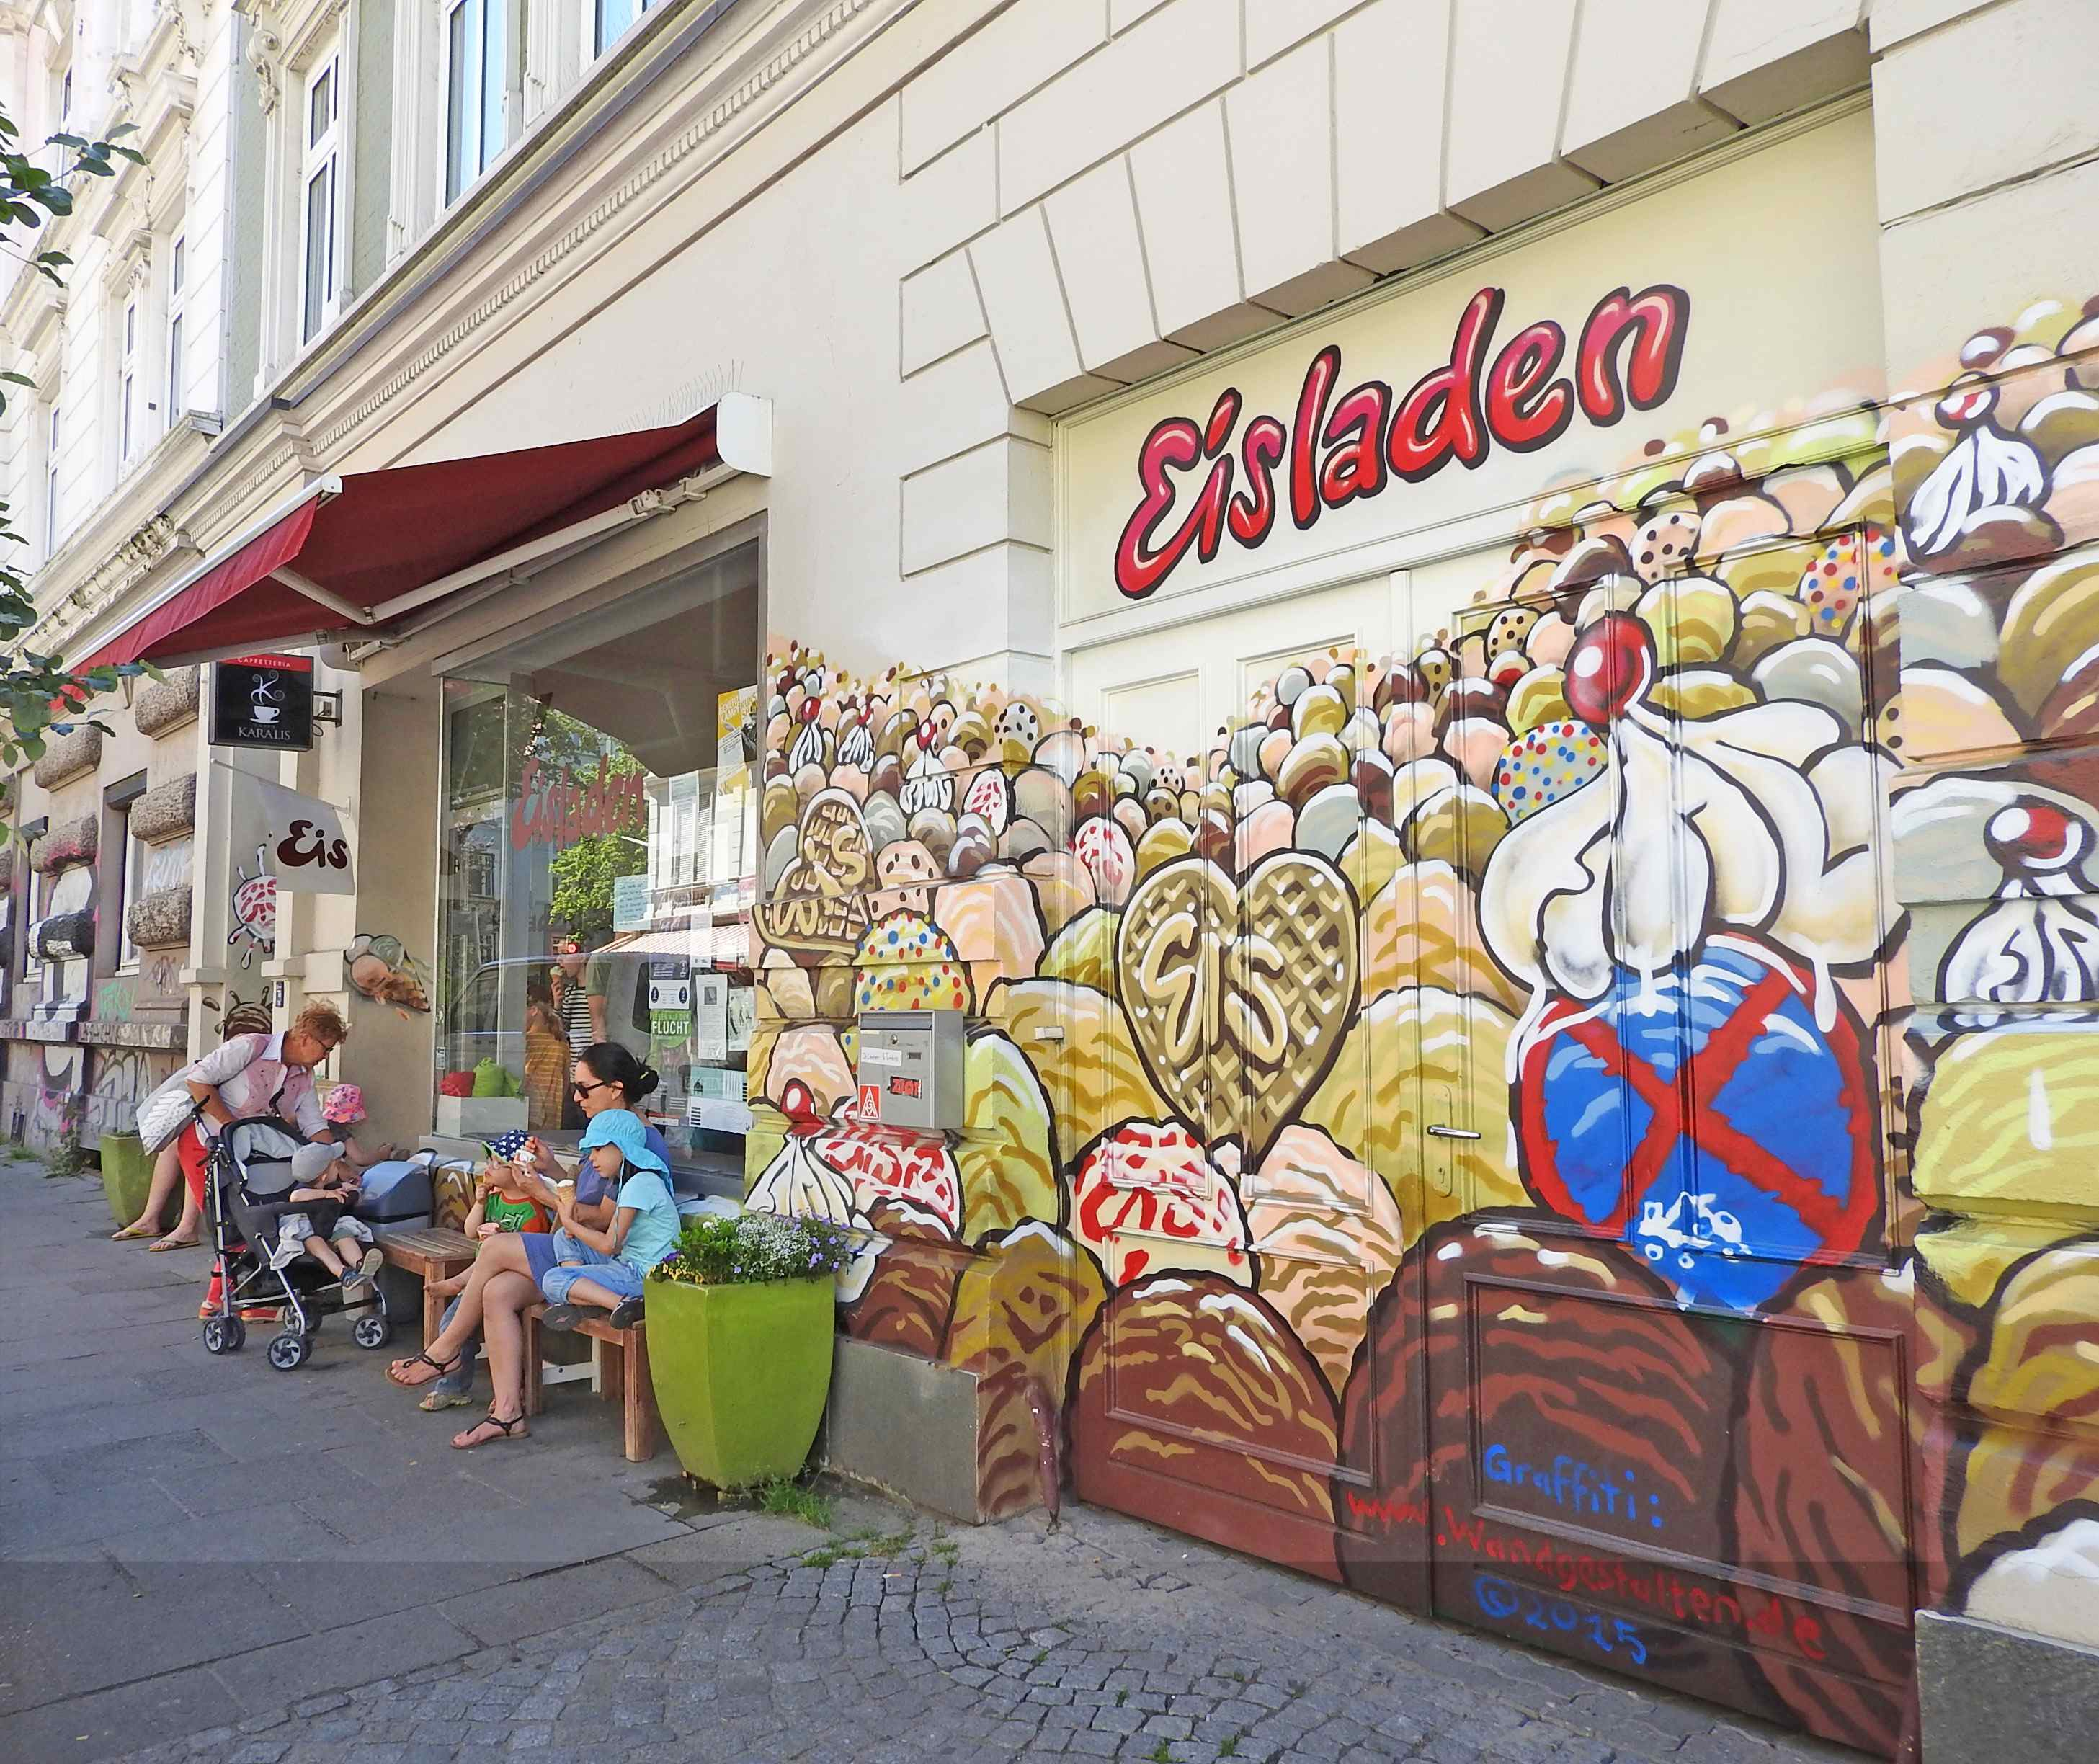 Eisladen in Ottensen - Mathilde mag ihn